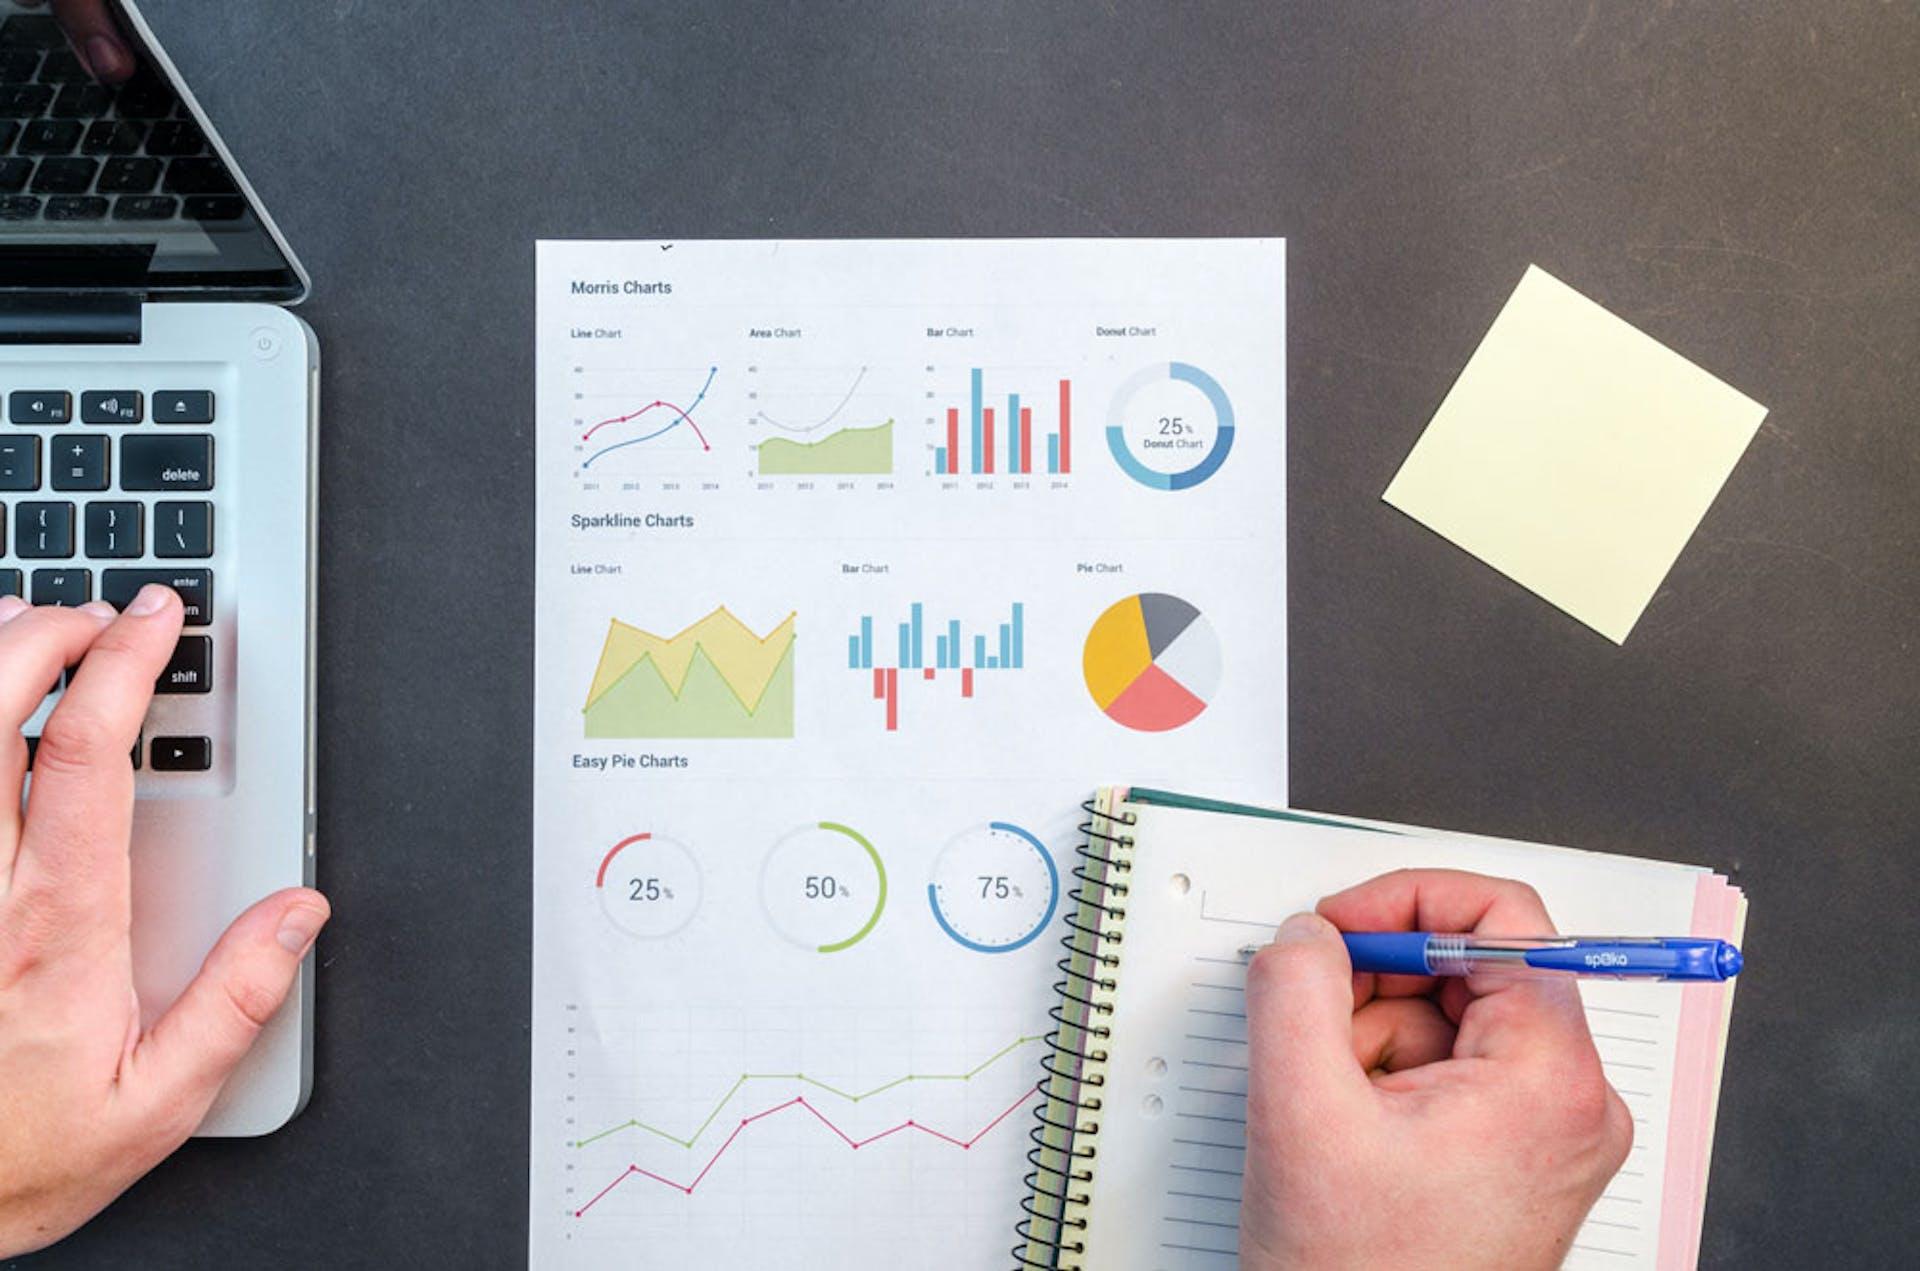 ¿Cómo ofrecer un producto? Conoce cómo asegurar ventas en tu emprendimiento